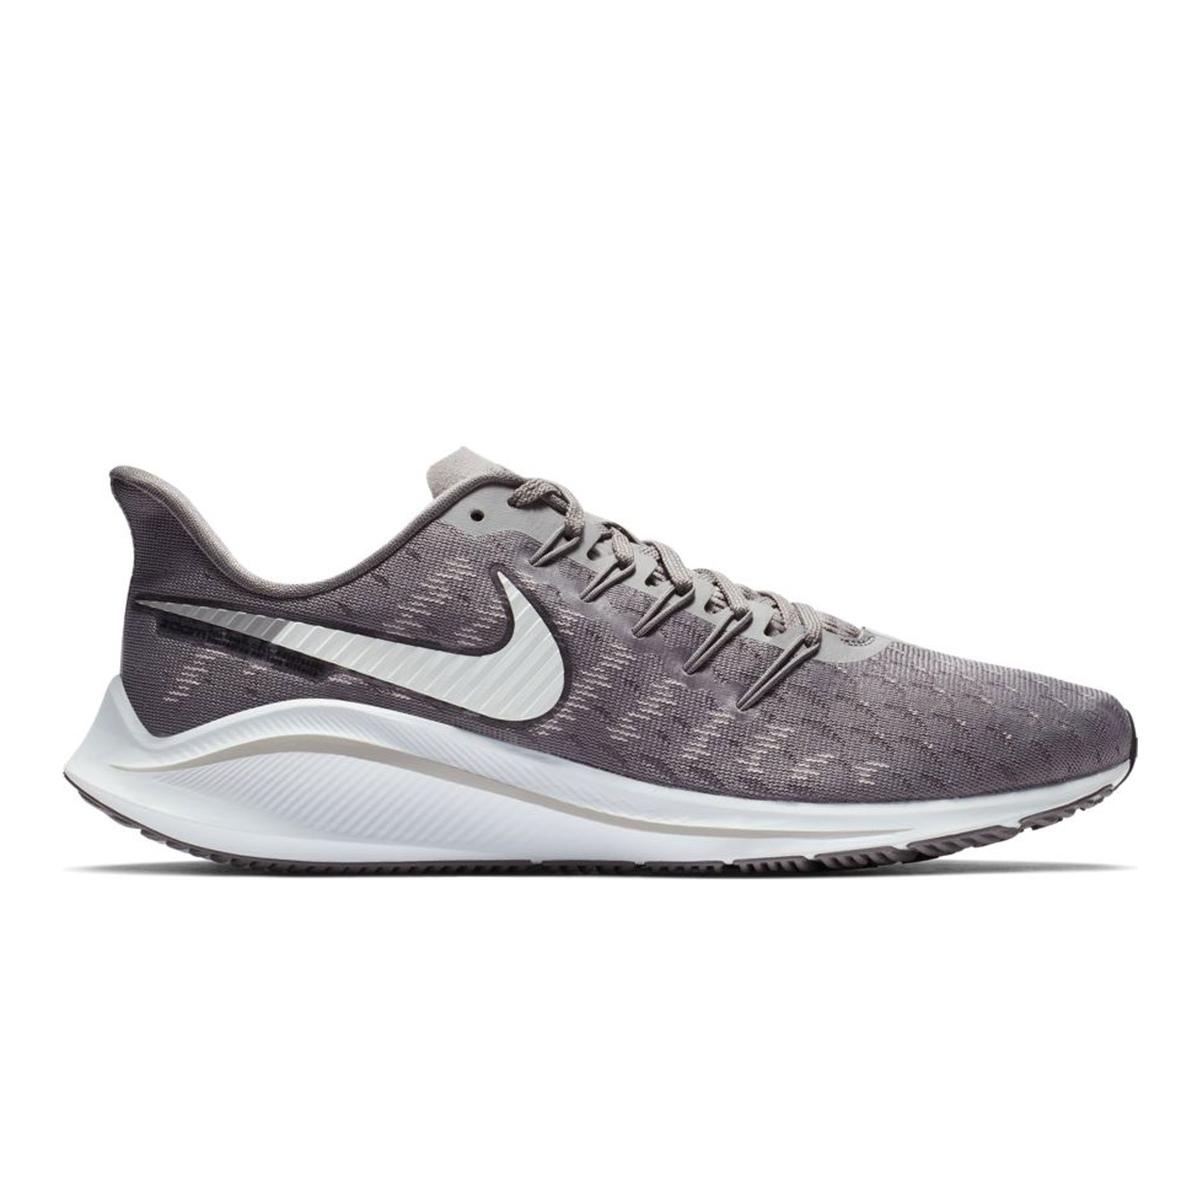 Prezzi delle Nike Vomero 14 economiche - Offerte per acquistare ... f75f192cfcc